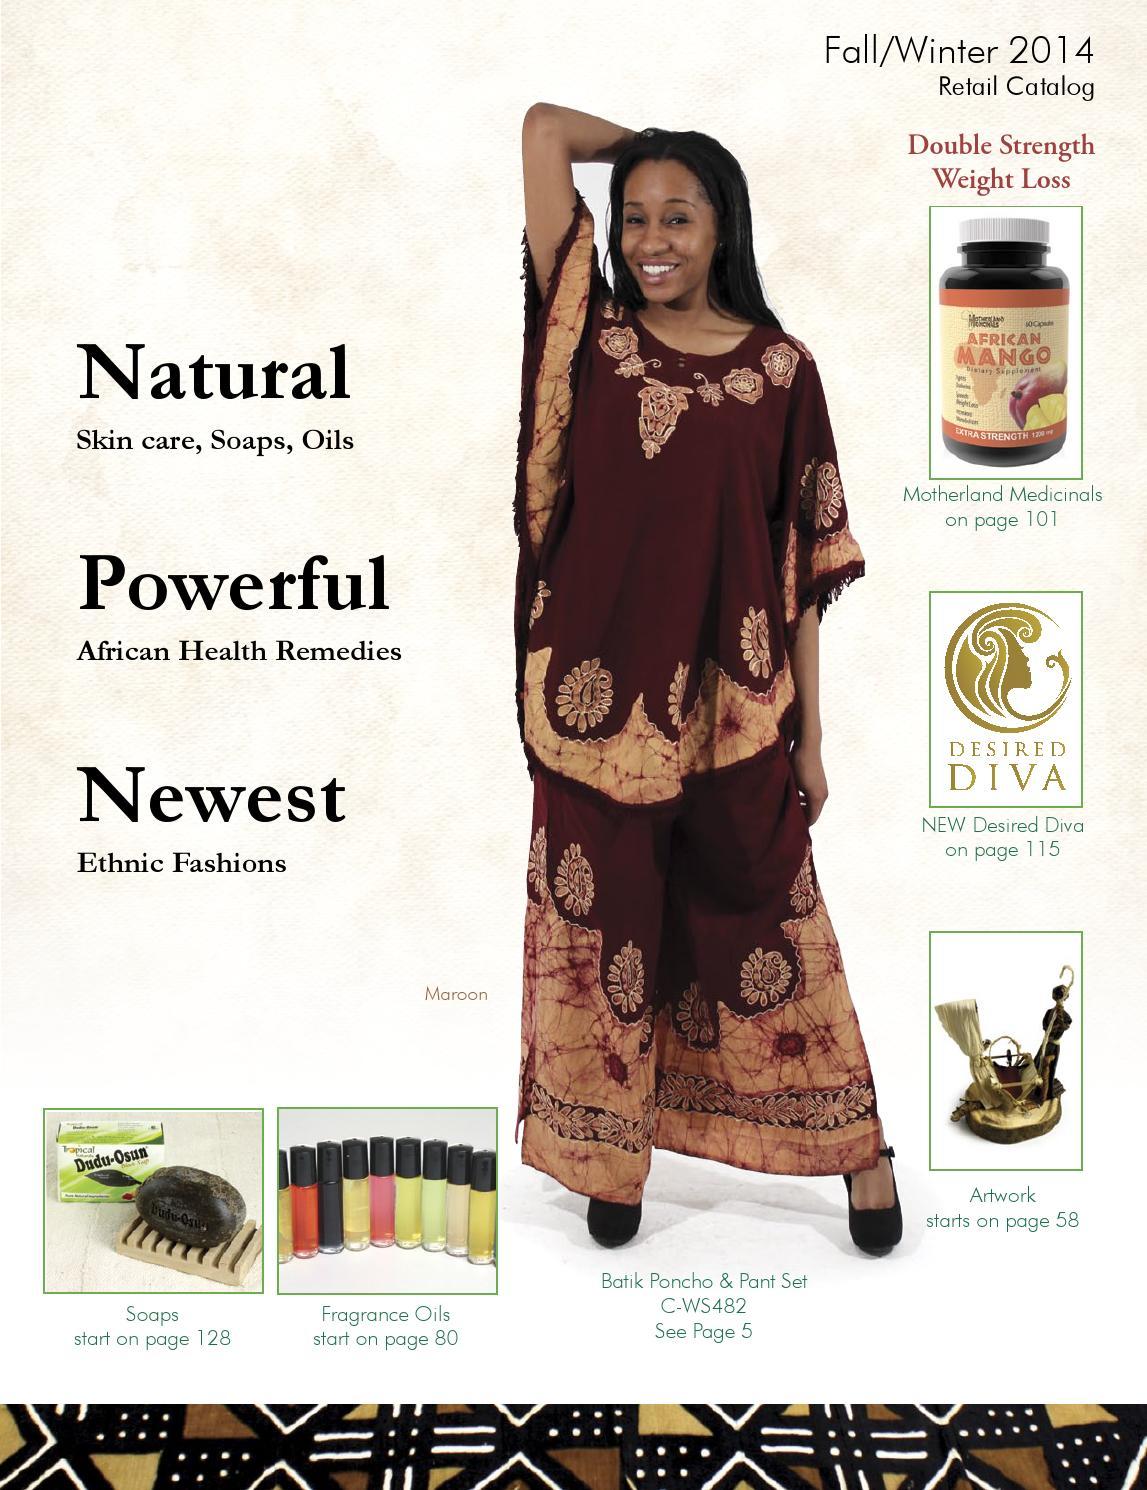 2014 Fall Retail Catalog Noprice By Tiffany Lowe Issuu Everlean Slimming Capsule Herbal